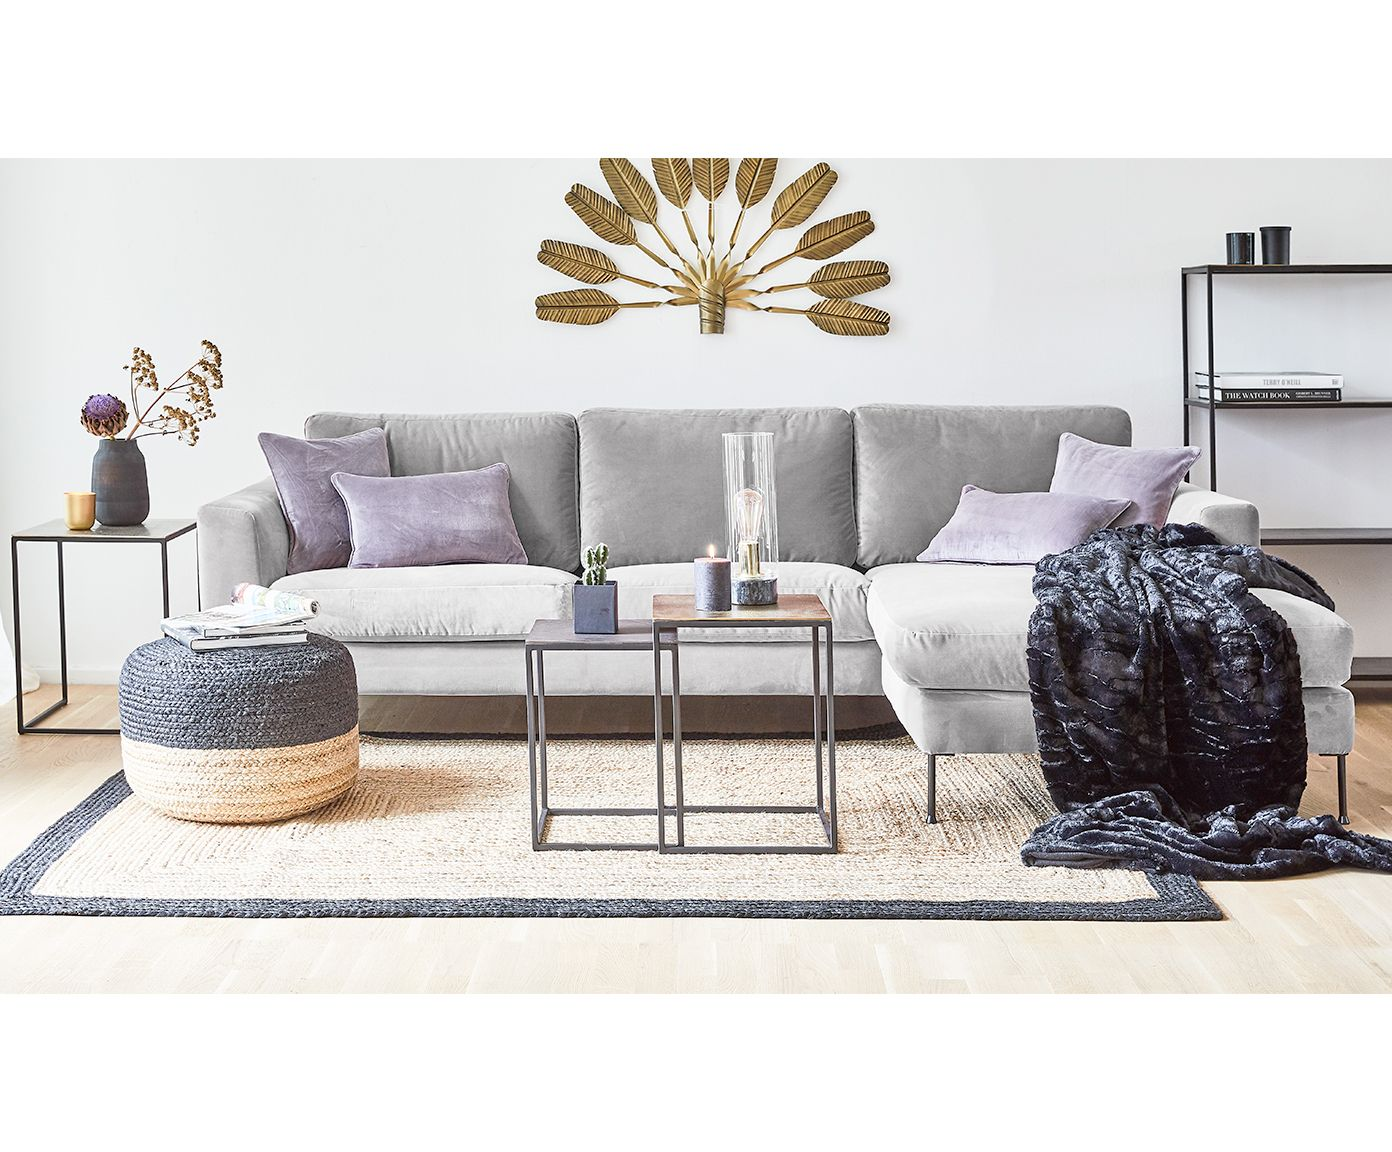 Machen Sie Ihr Wohnzimmer Mit Samt Ecksofa Cucita In Grau Zur Wohlfuhloase Entdecken Sie Weitere Mobel Von Westwing Collection Ecksofas Sofa Wohnzimmertische